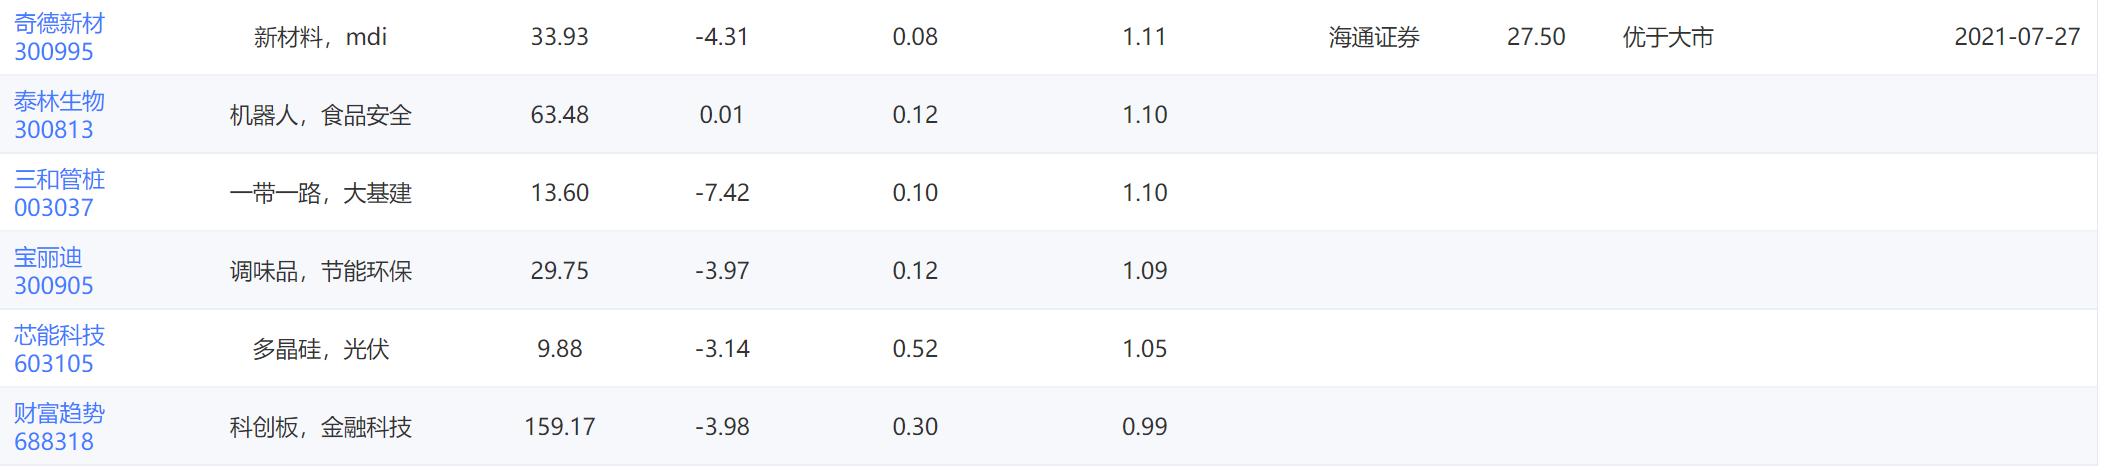 早盘散户资金净流入流出比例最大的30只股票「21/08/19」